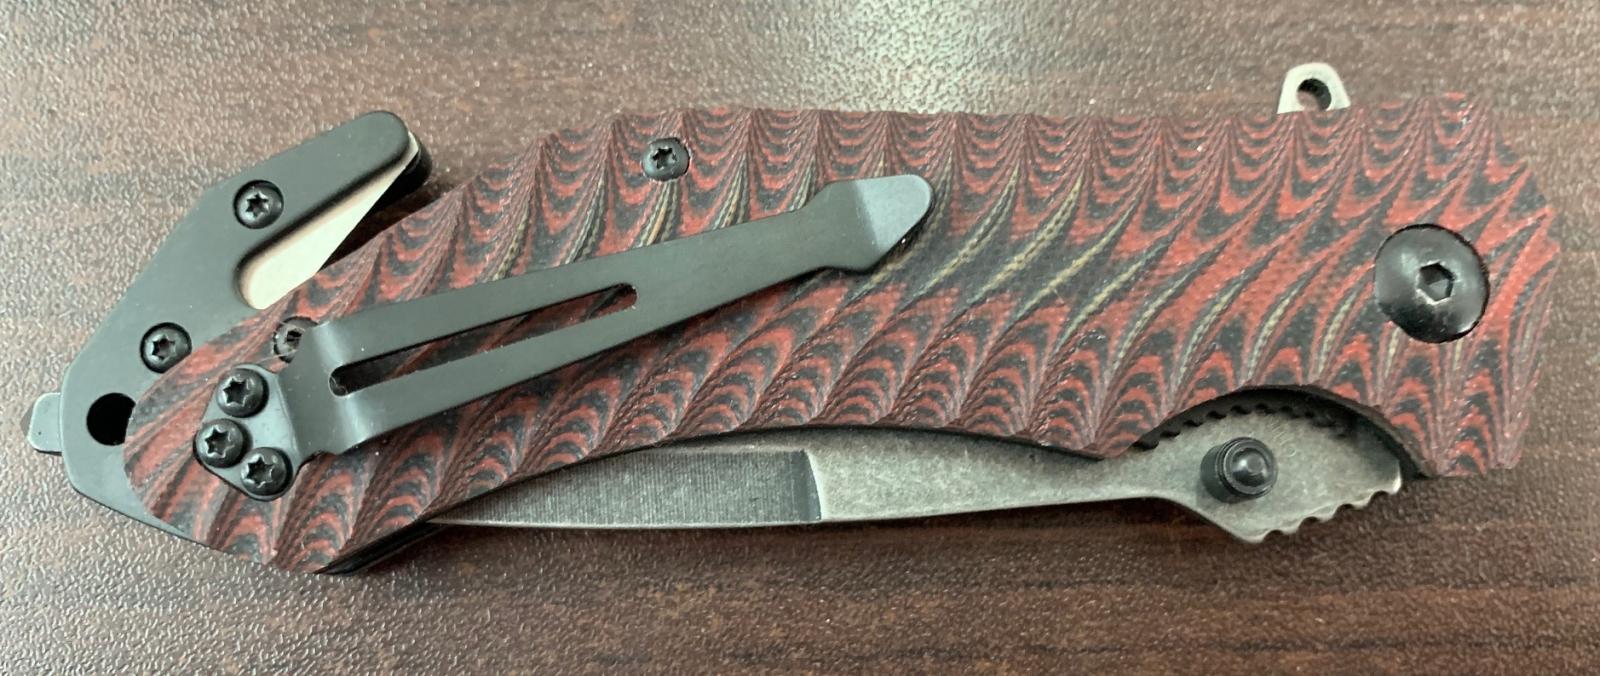 Складной нож с удобной рифленой рукоятью